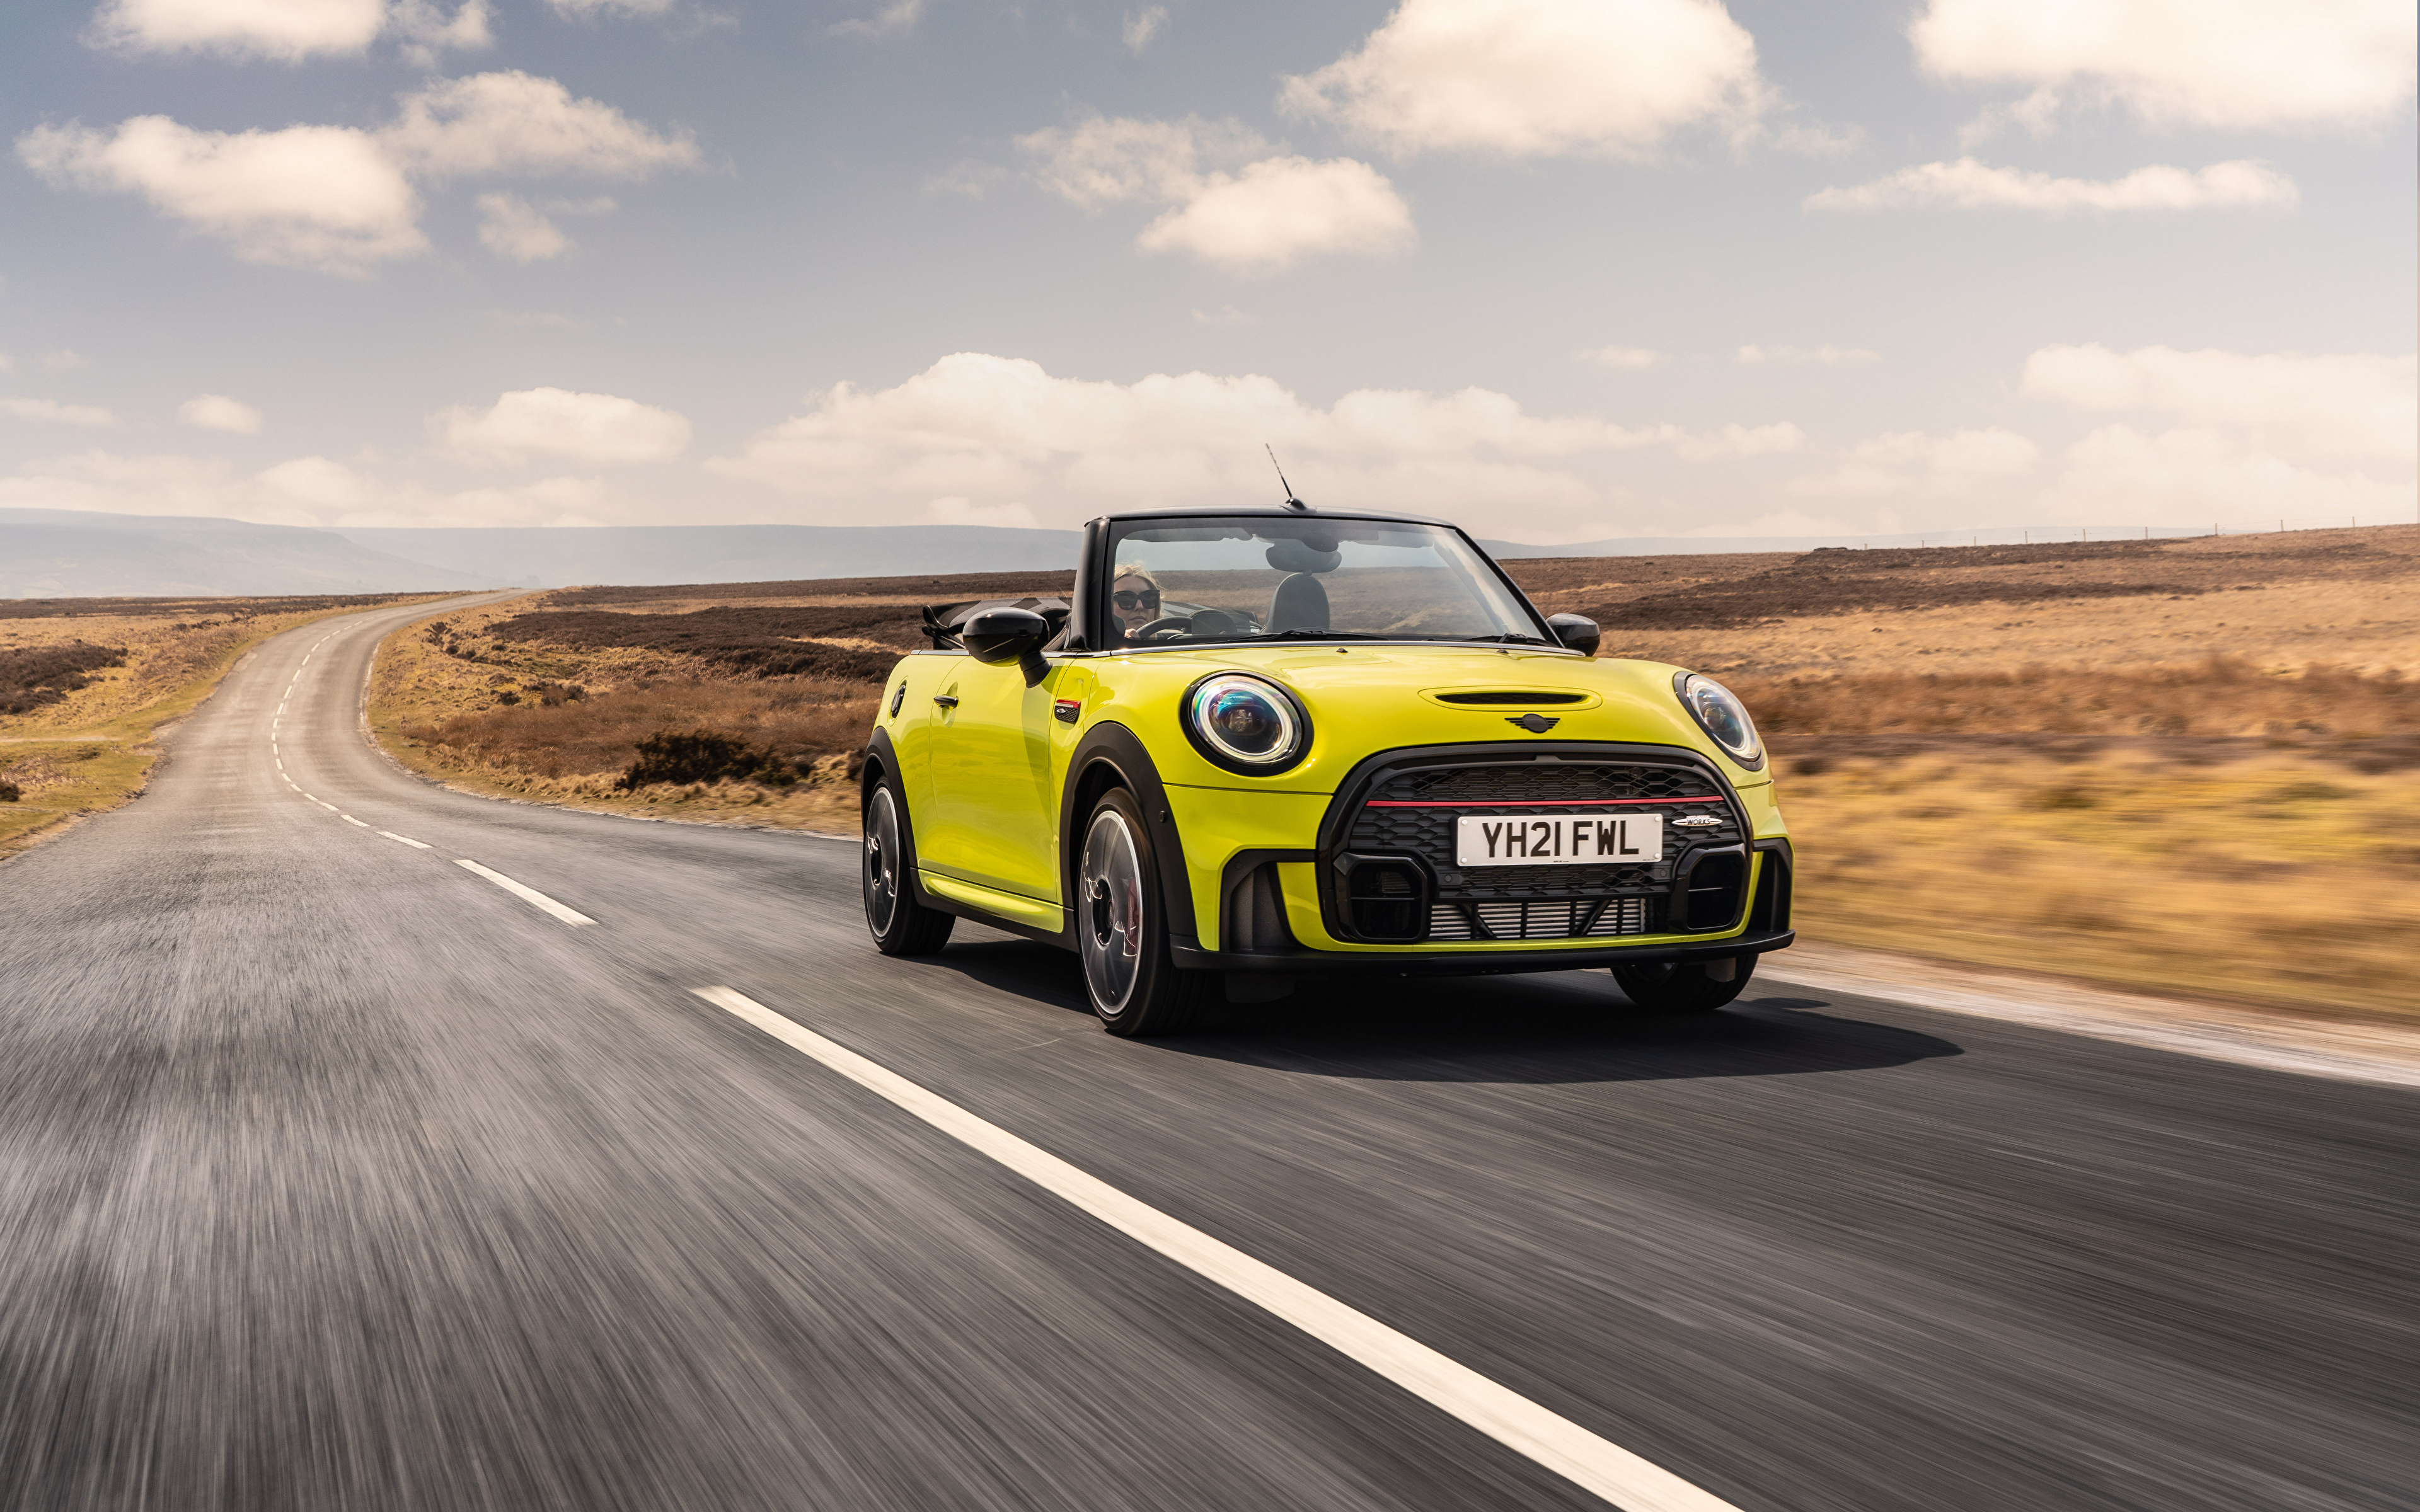 Bilder på skrivbordet Mini John Cooper Works Cabrio, (UK-spec), (F57), 2021 Cabriolet gul grön vägar Rörelse bil Metallisk 3840x2400 öppen bil Ljusgrön Väg går Bilar automobil